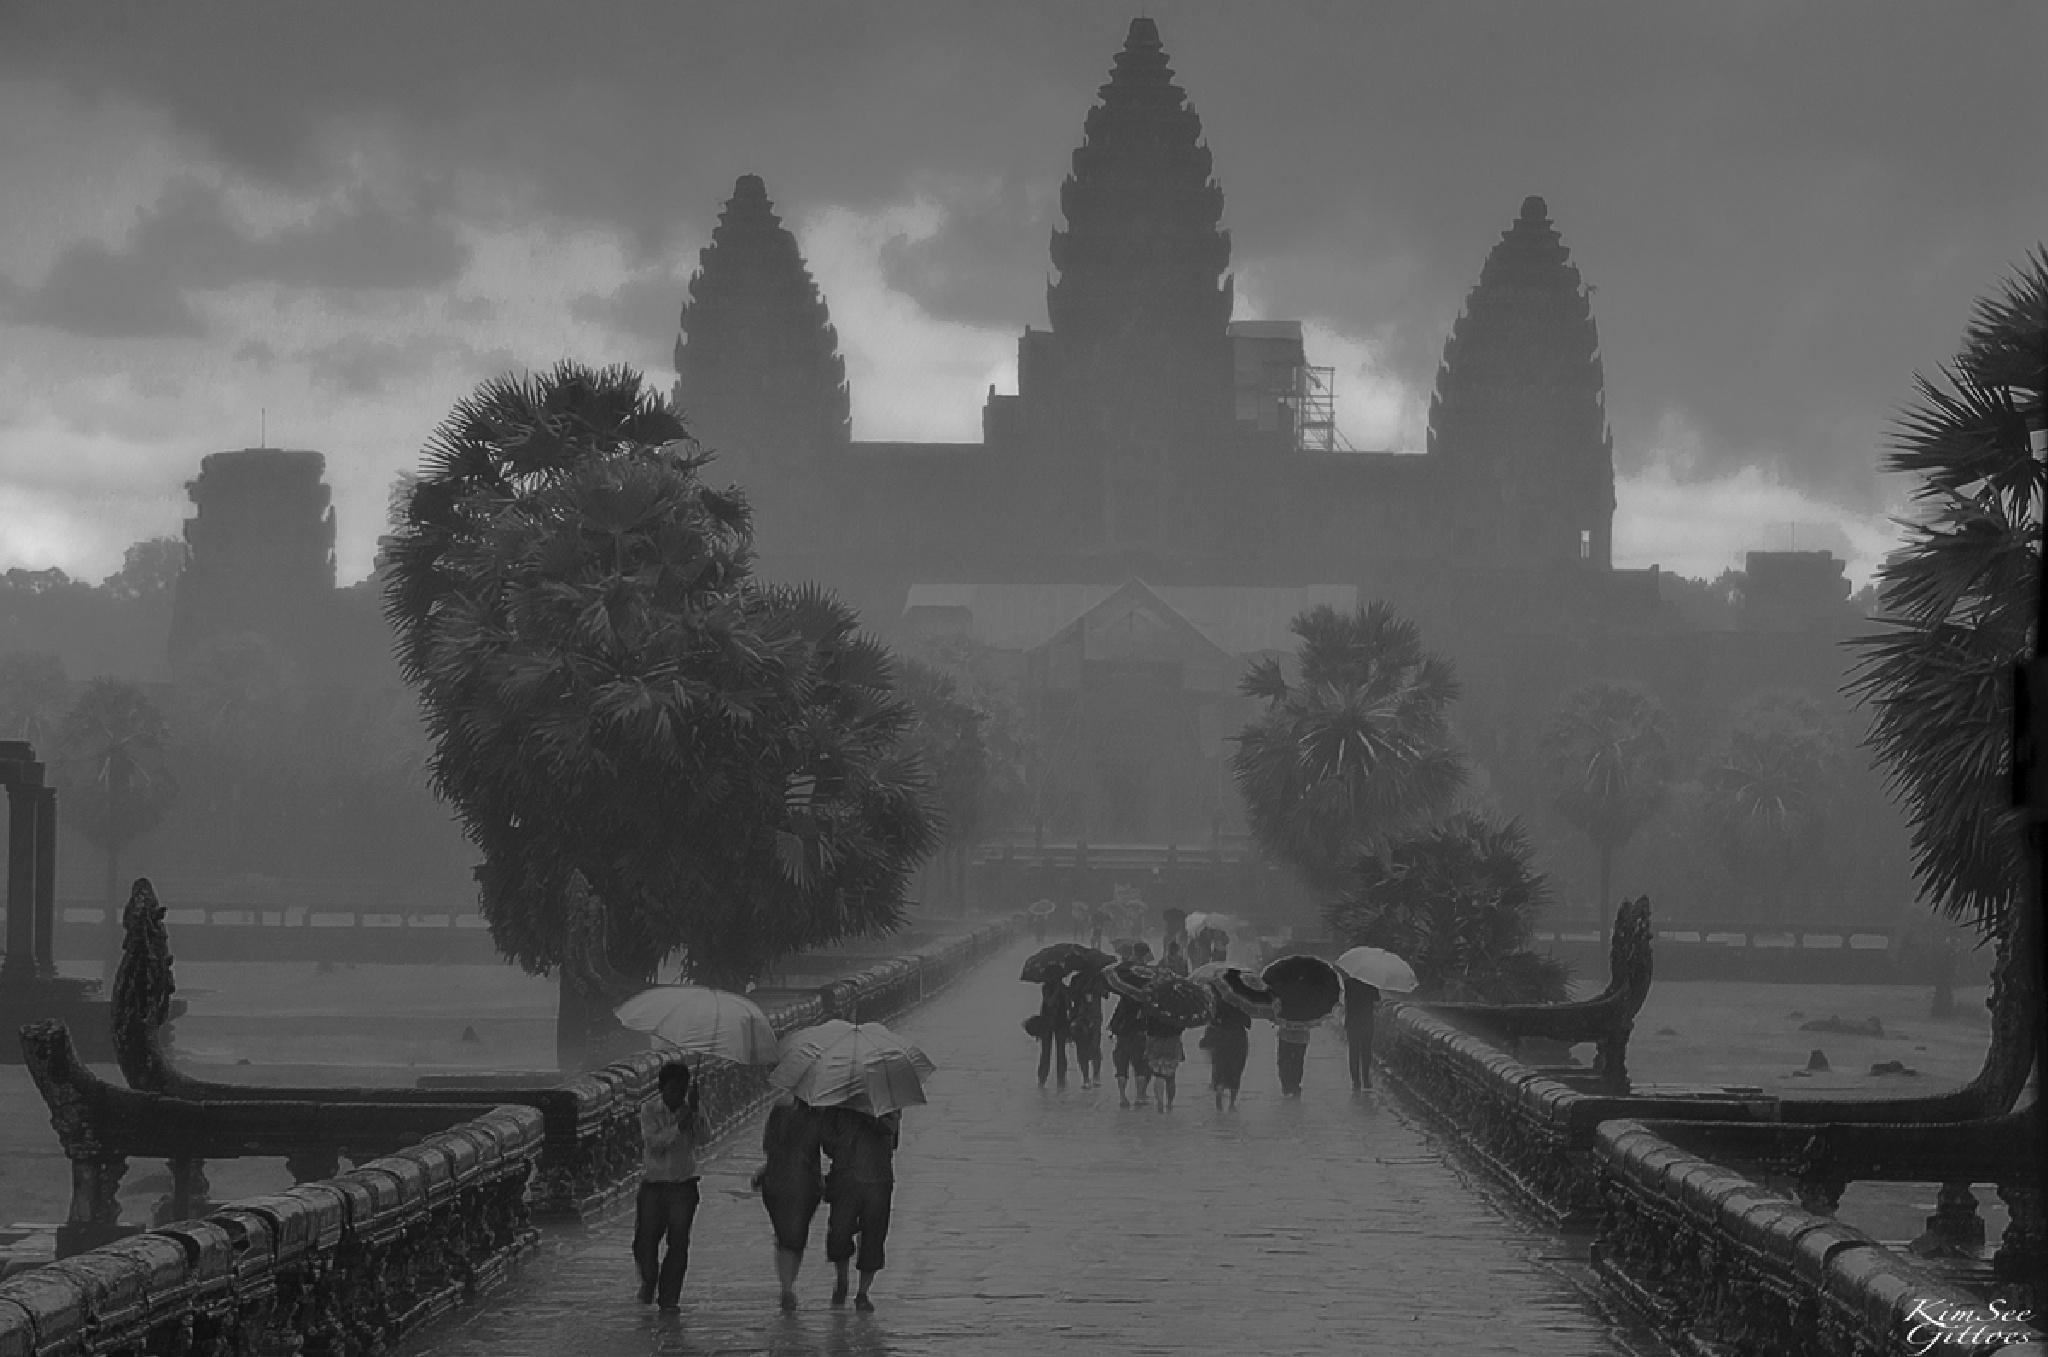 Angkor Wat in the rain by KimSee